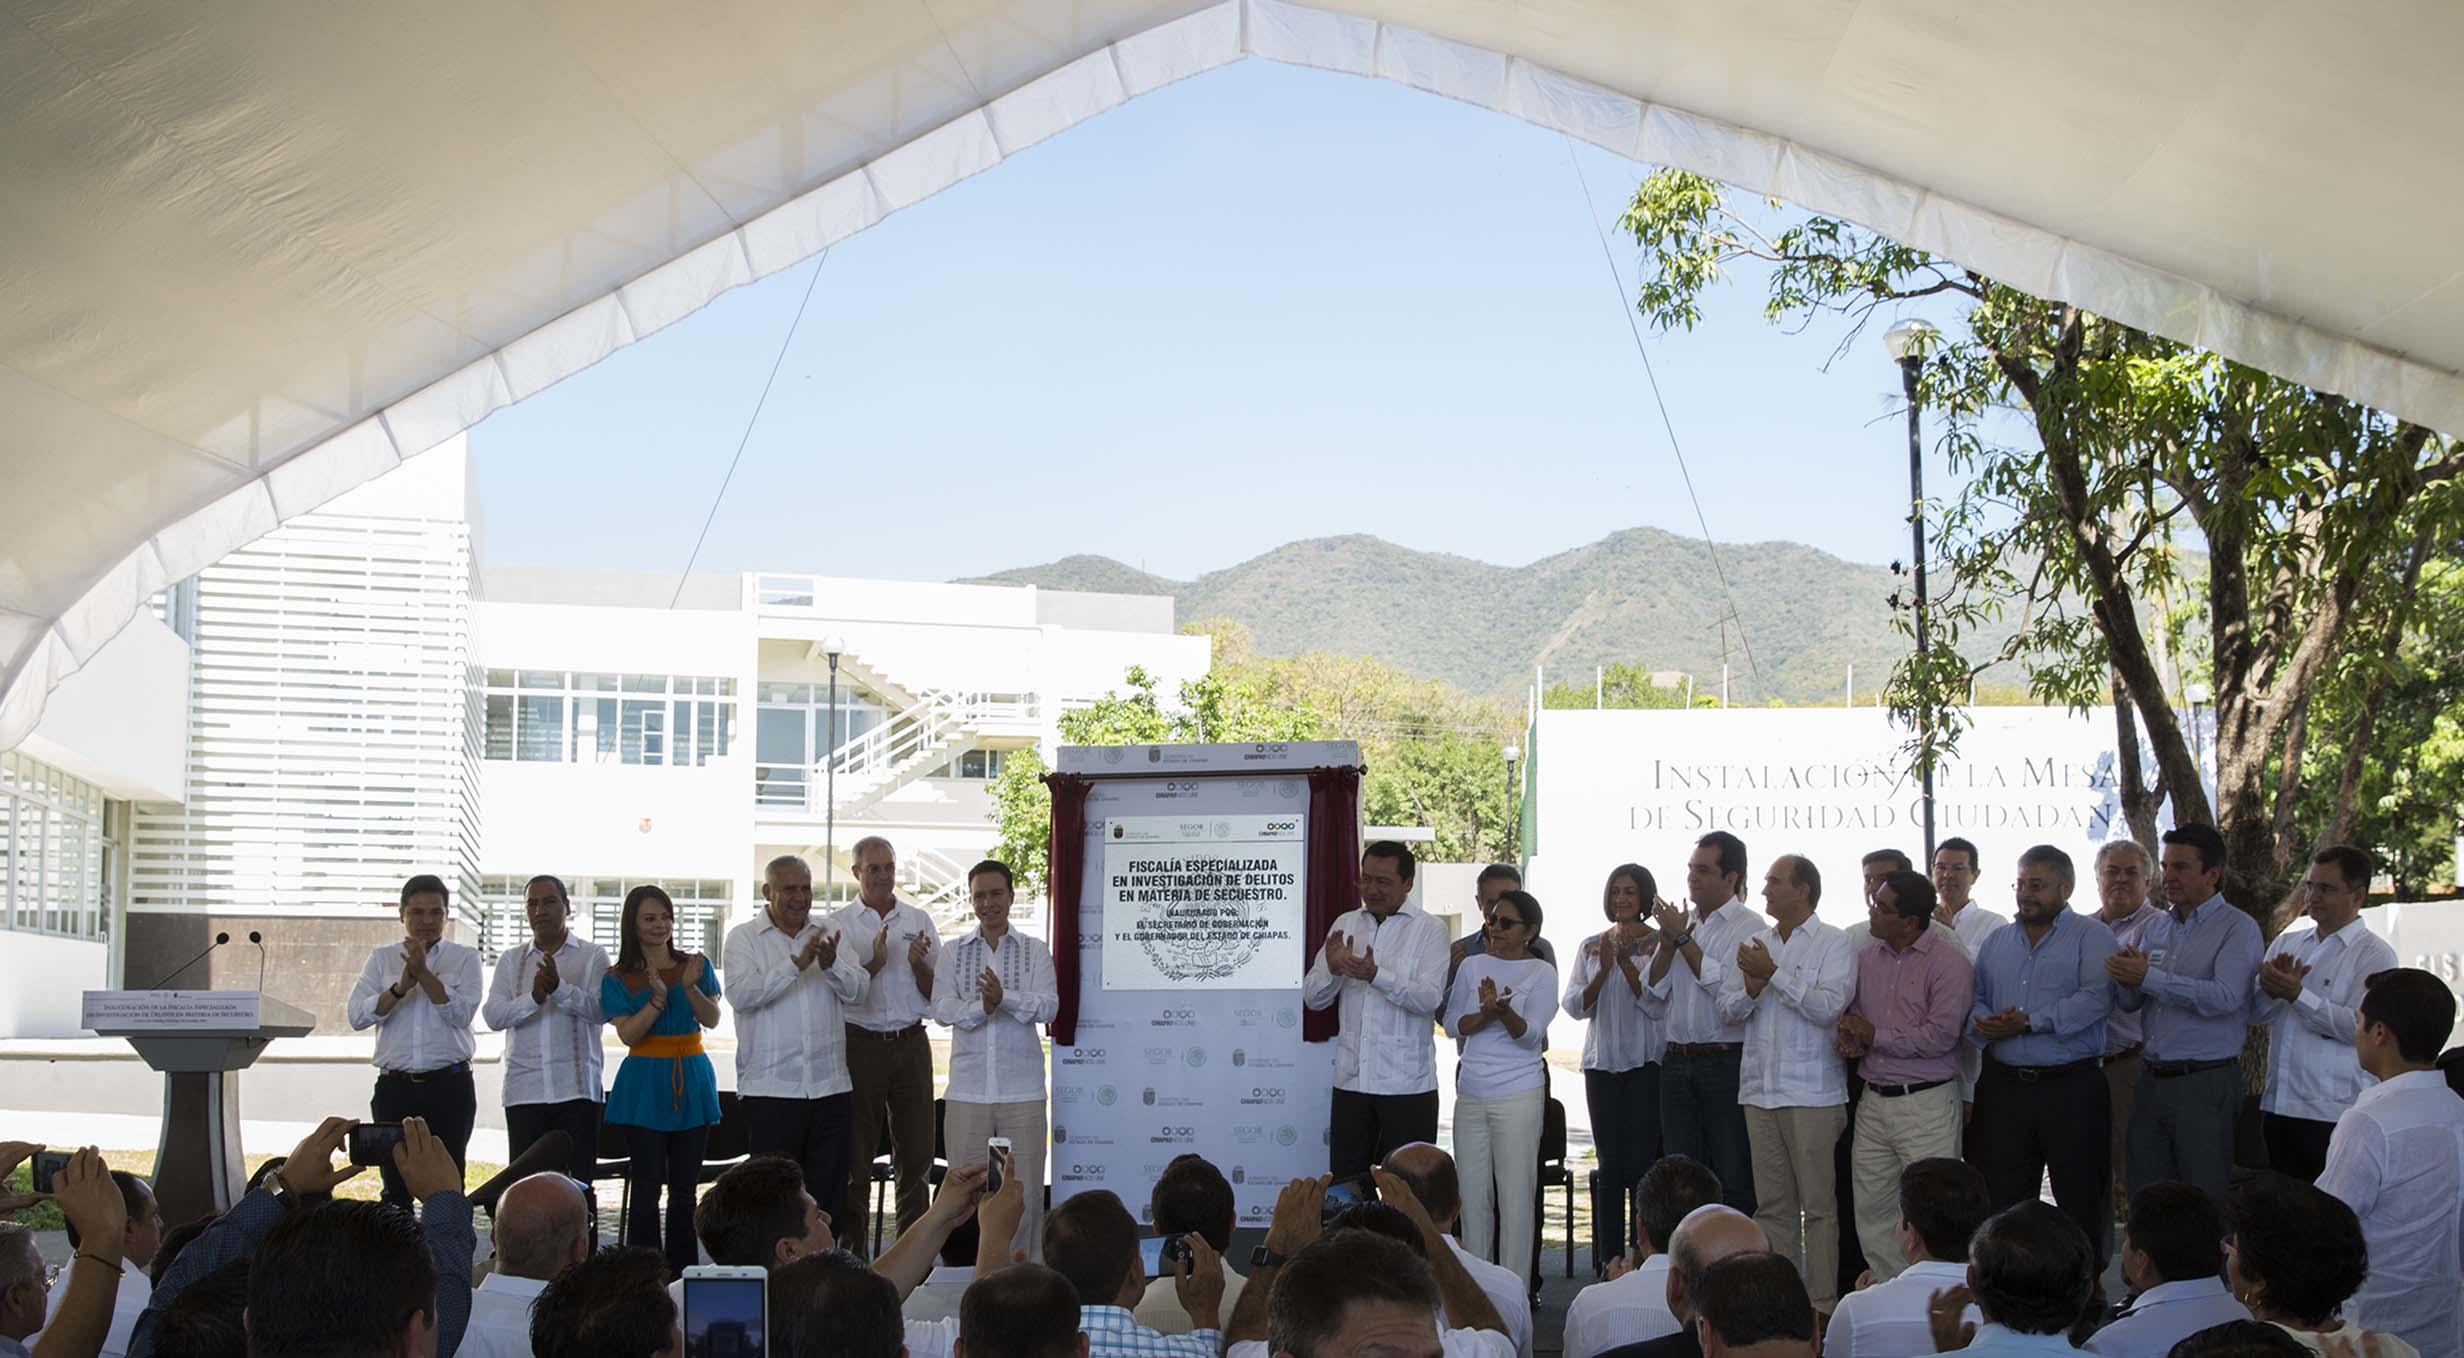 El Secretario de Gobernación, Miguel Ángel Osorio Chong, inauguró, junto con el gobernador de Chiapas, Manuel Velasco Coello, las instalaciones de la Fiscalía Especializada en Investigación de Delitos en Materia de Secuestro.